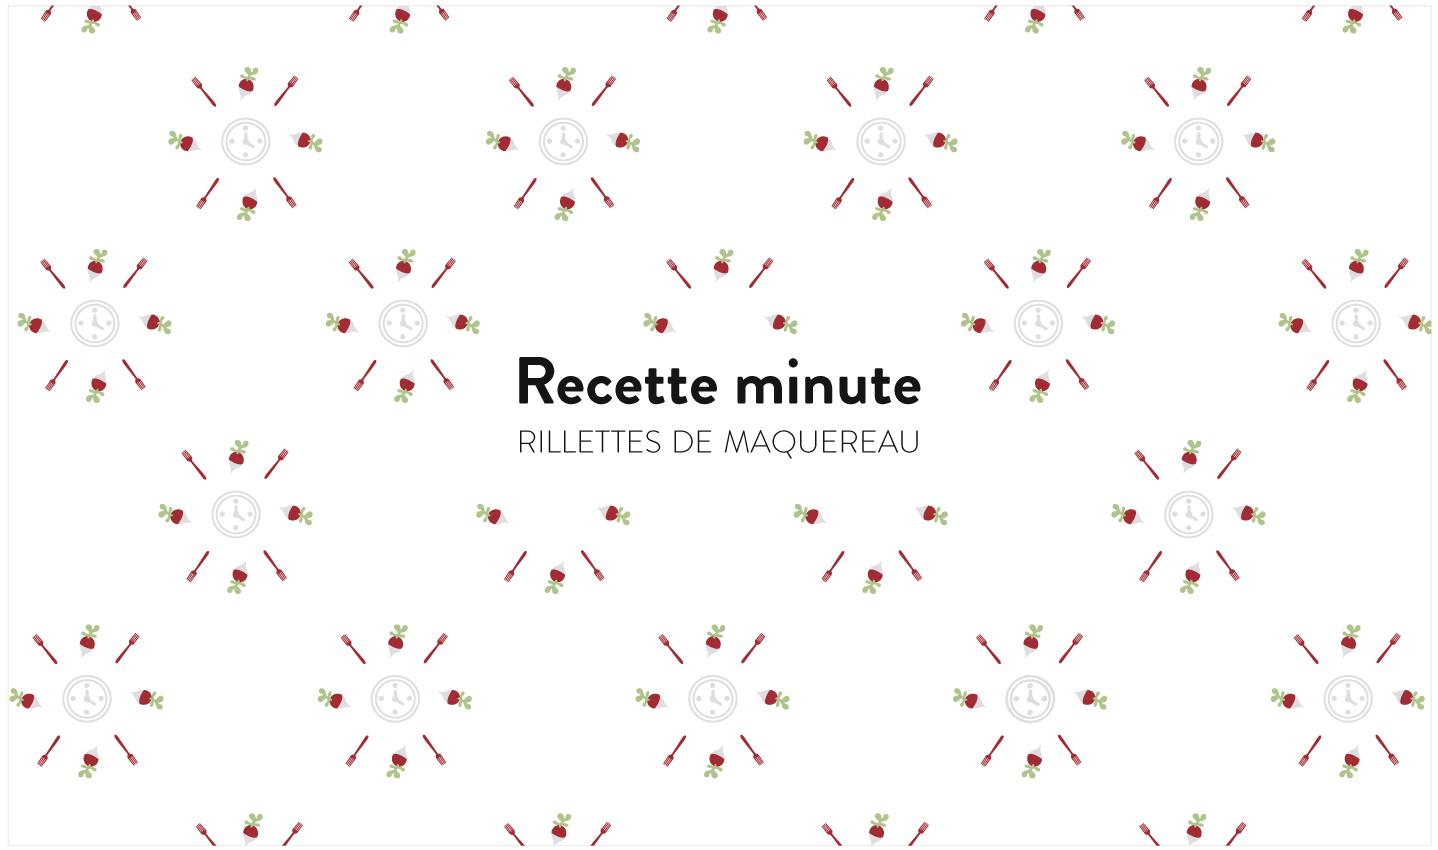 motifs-2016-minute-rillettes